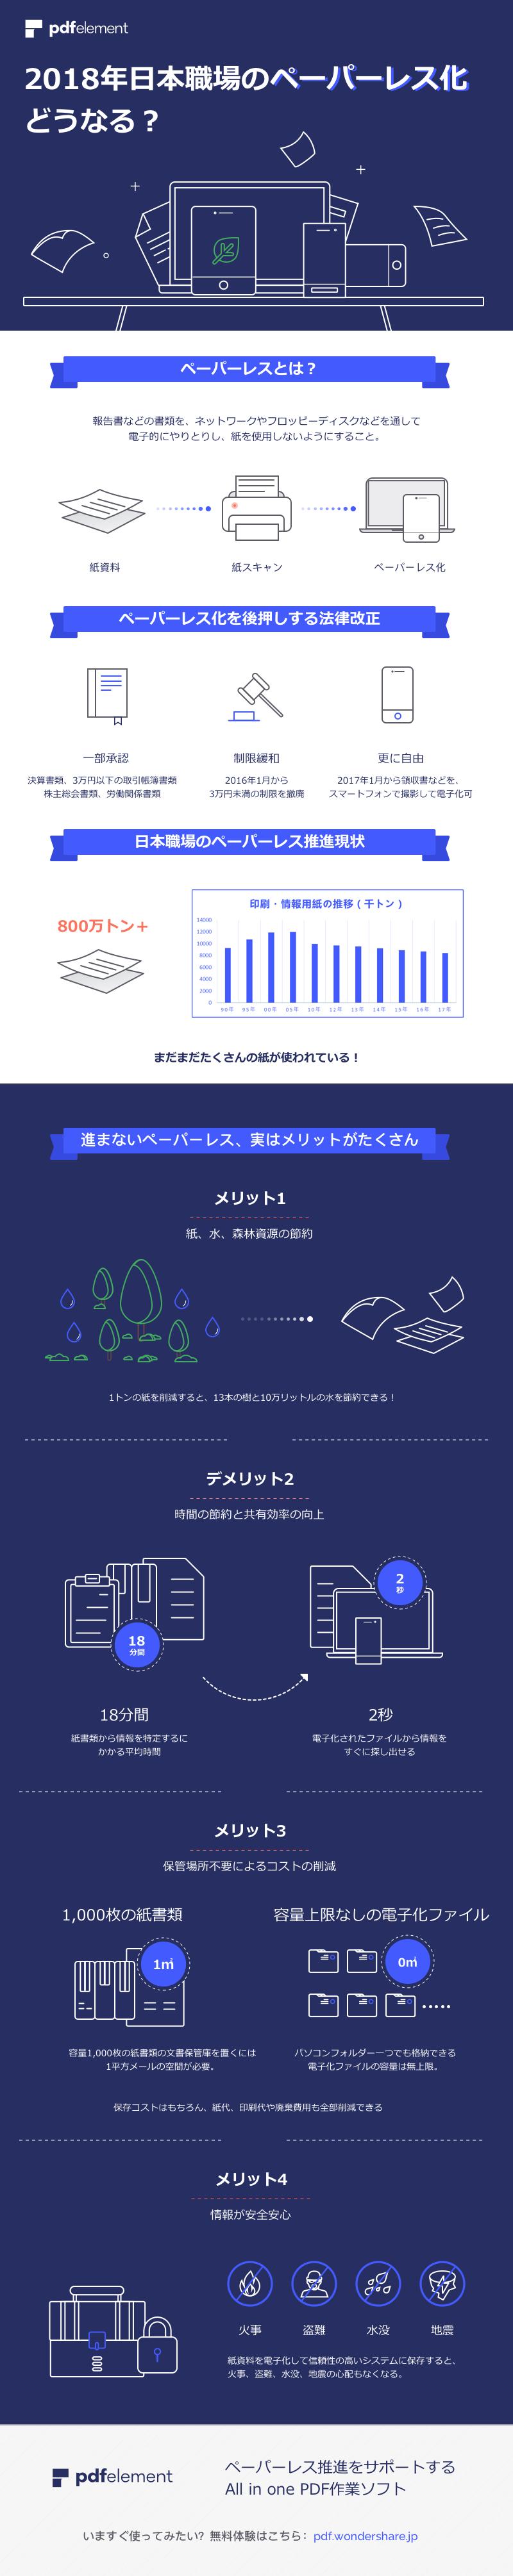 2018年日本職場のペーパーレス化、どうなる?